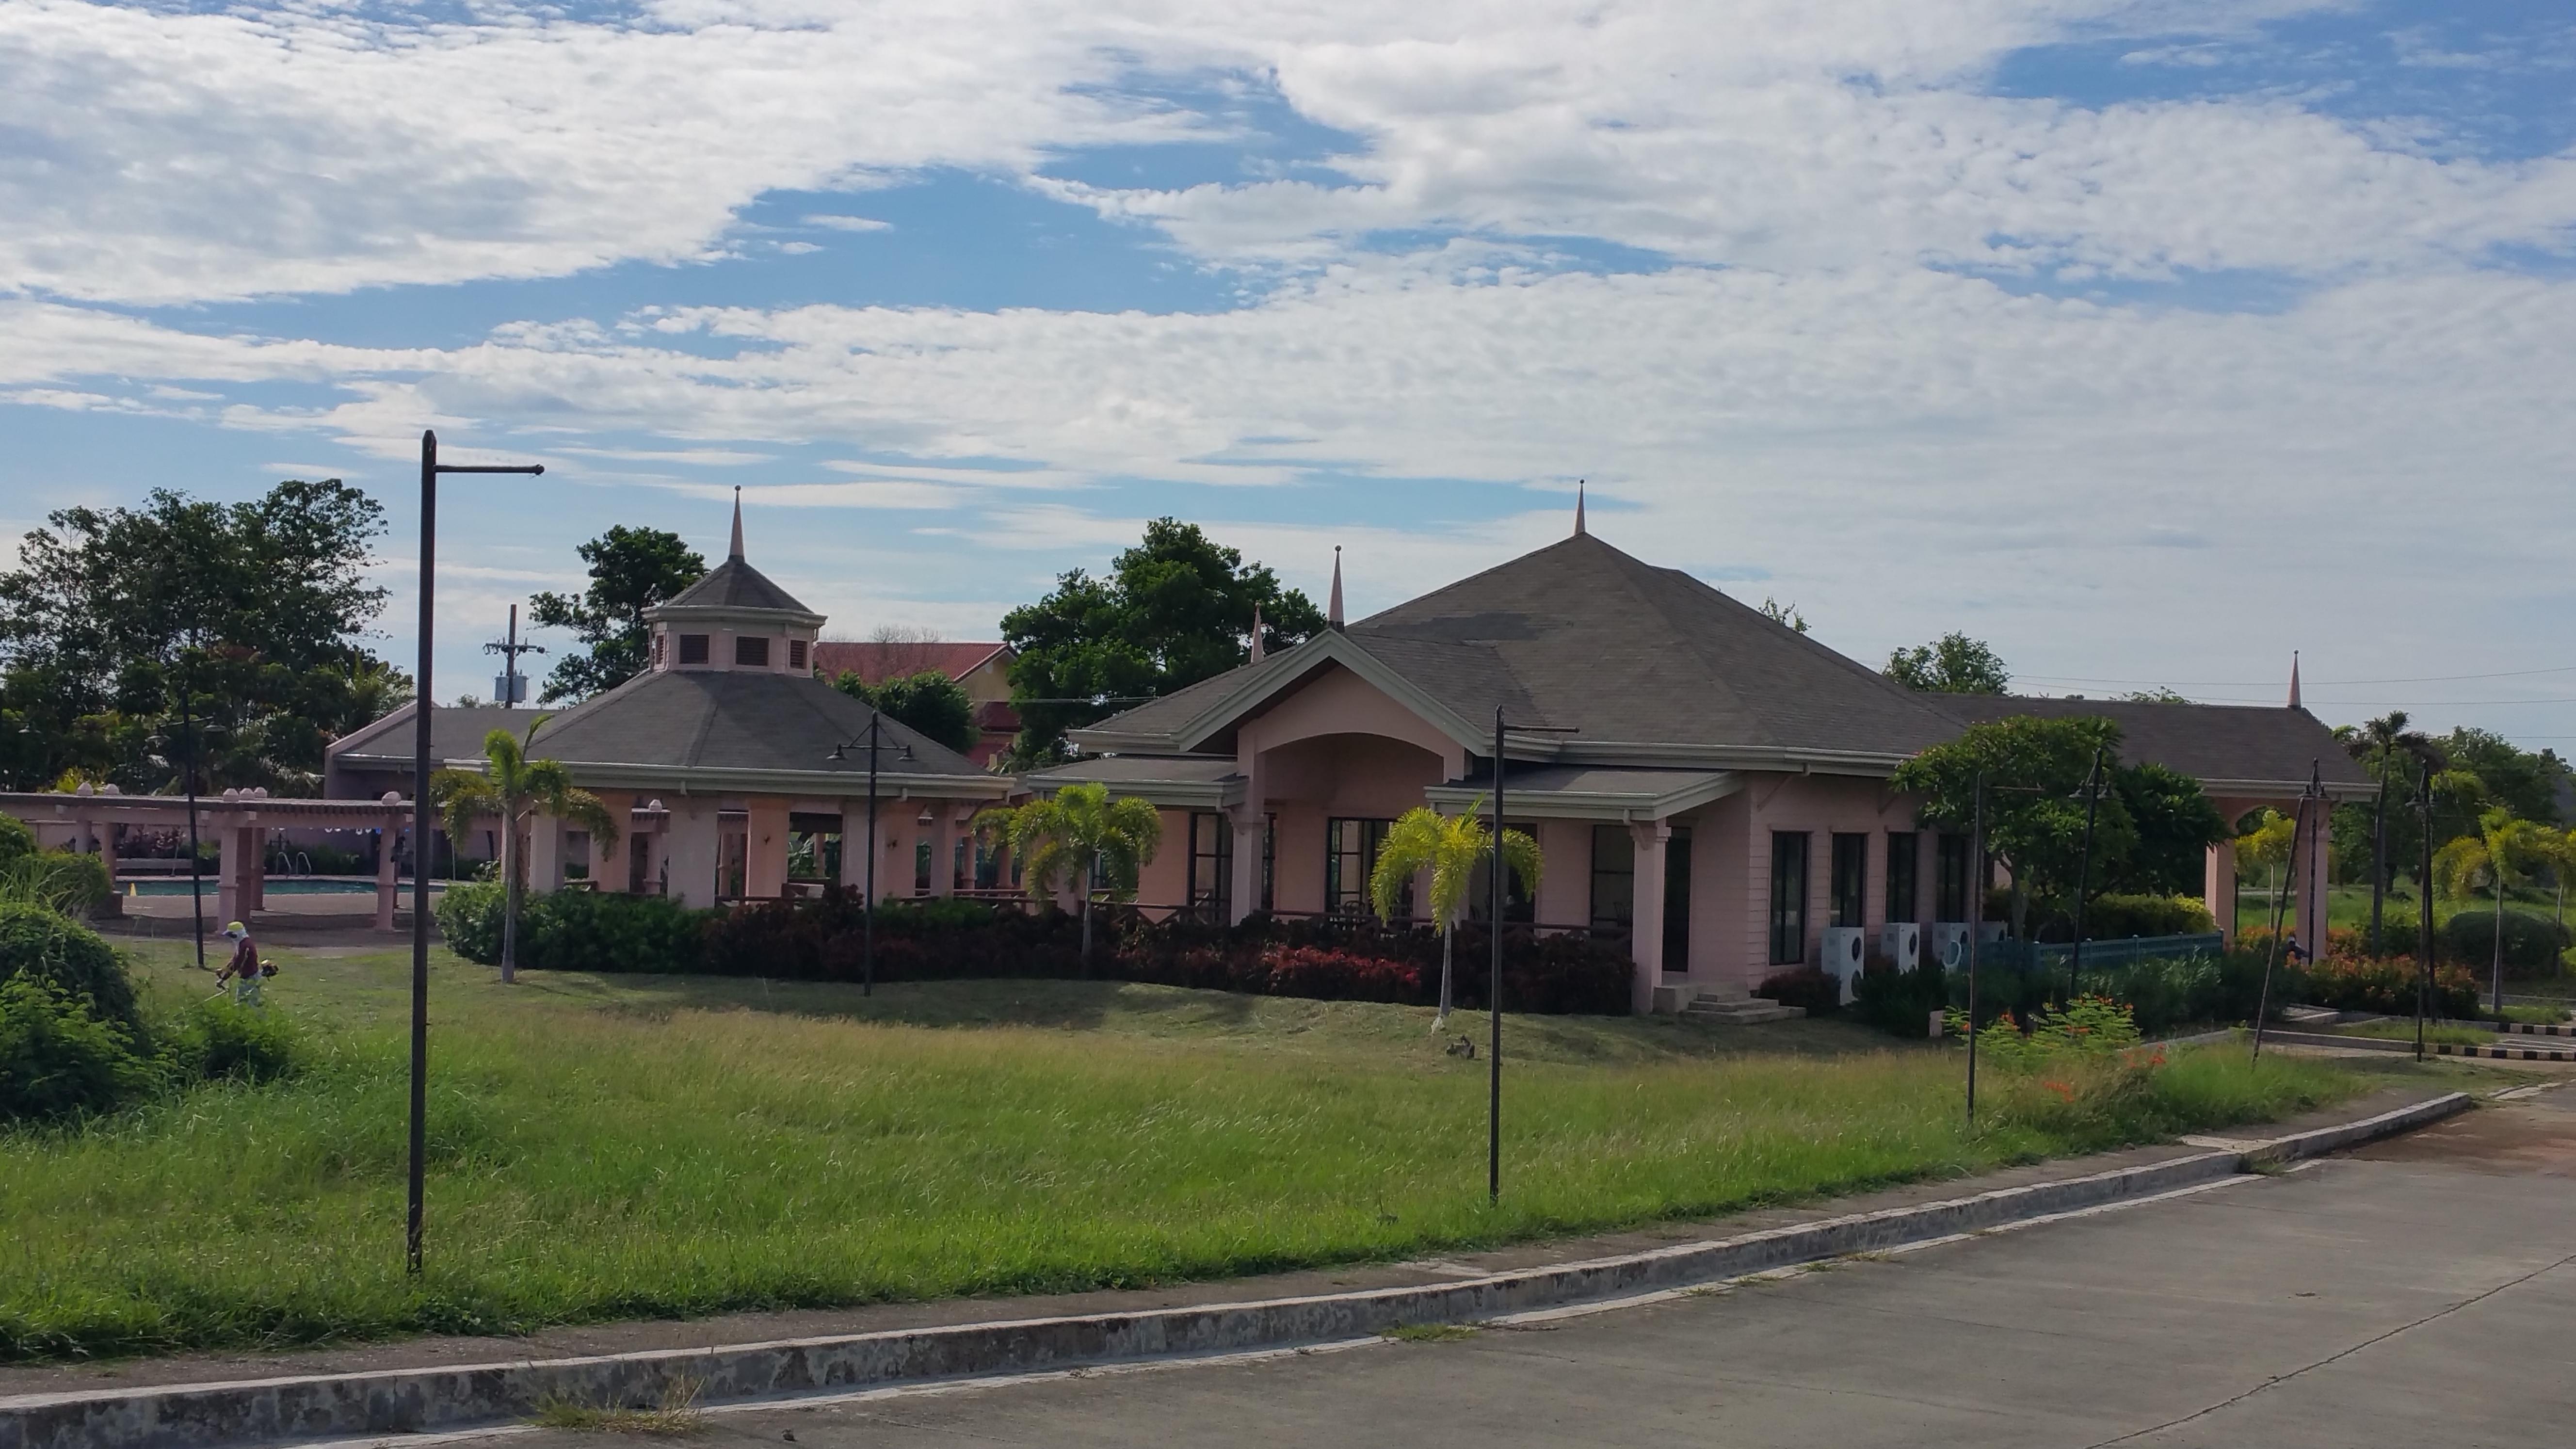 Woodside Garden Village Urdaneta Pangasinan